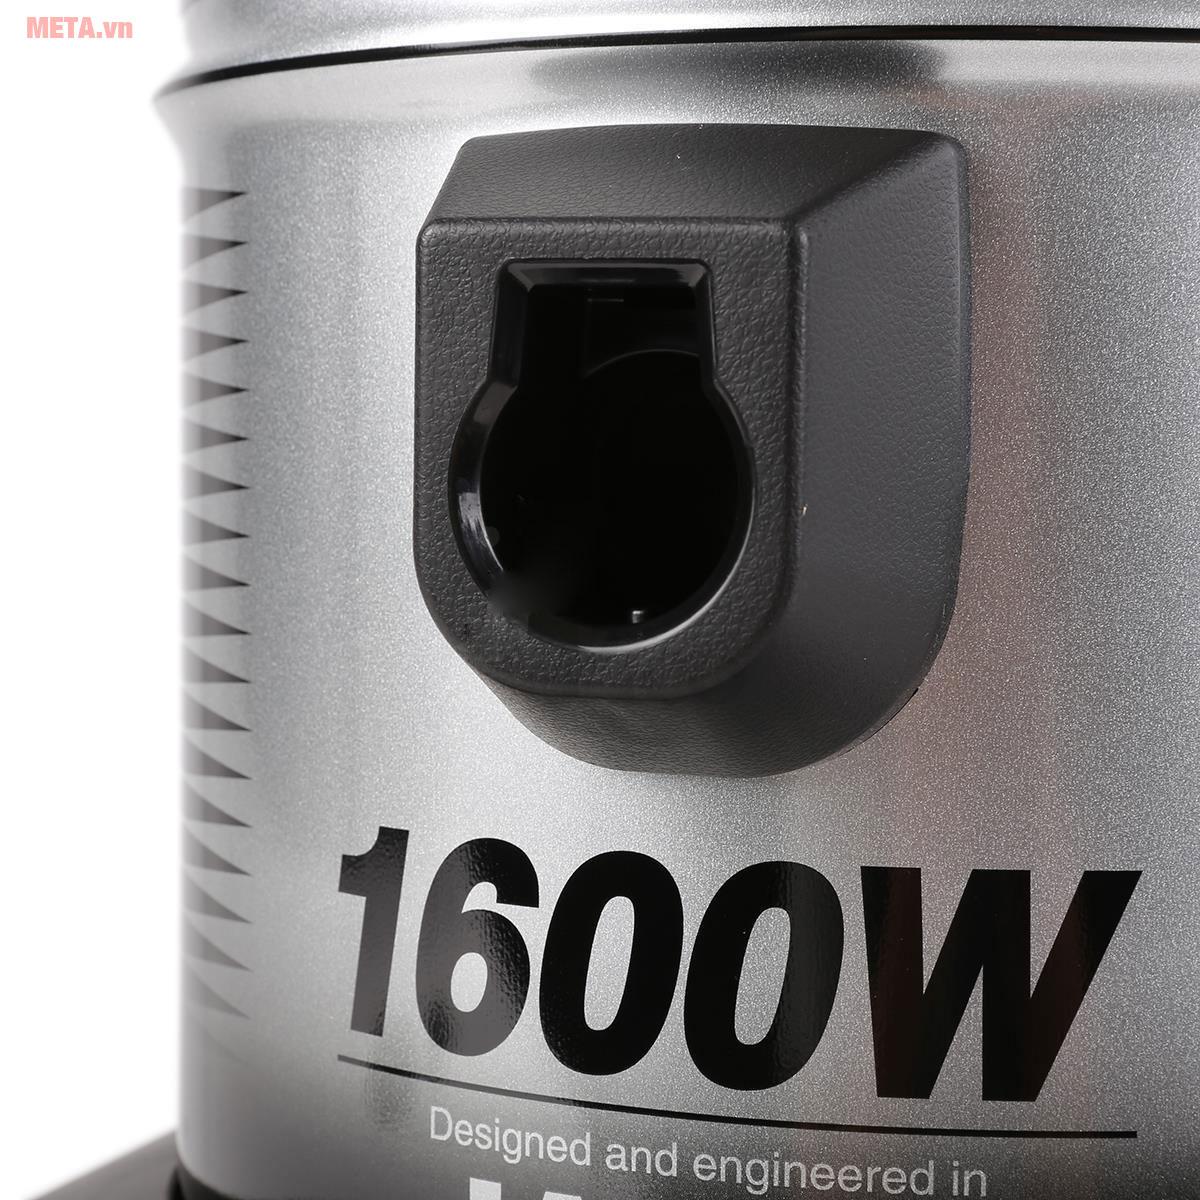 Máy có công suất 1.600W